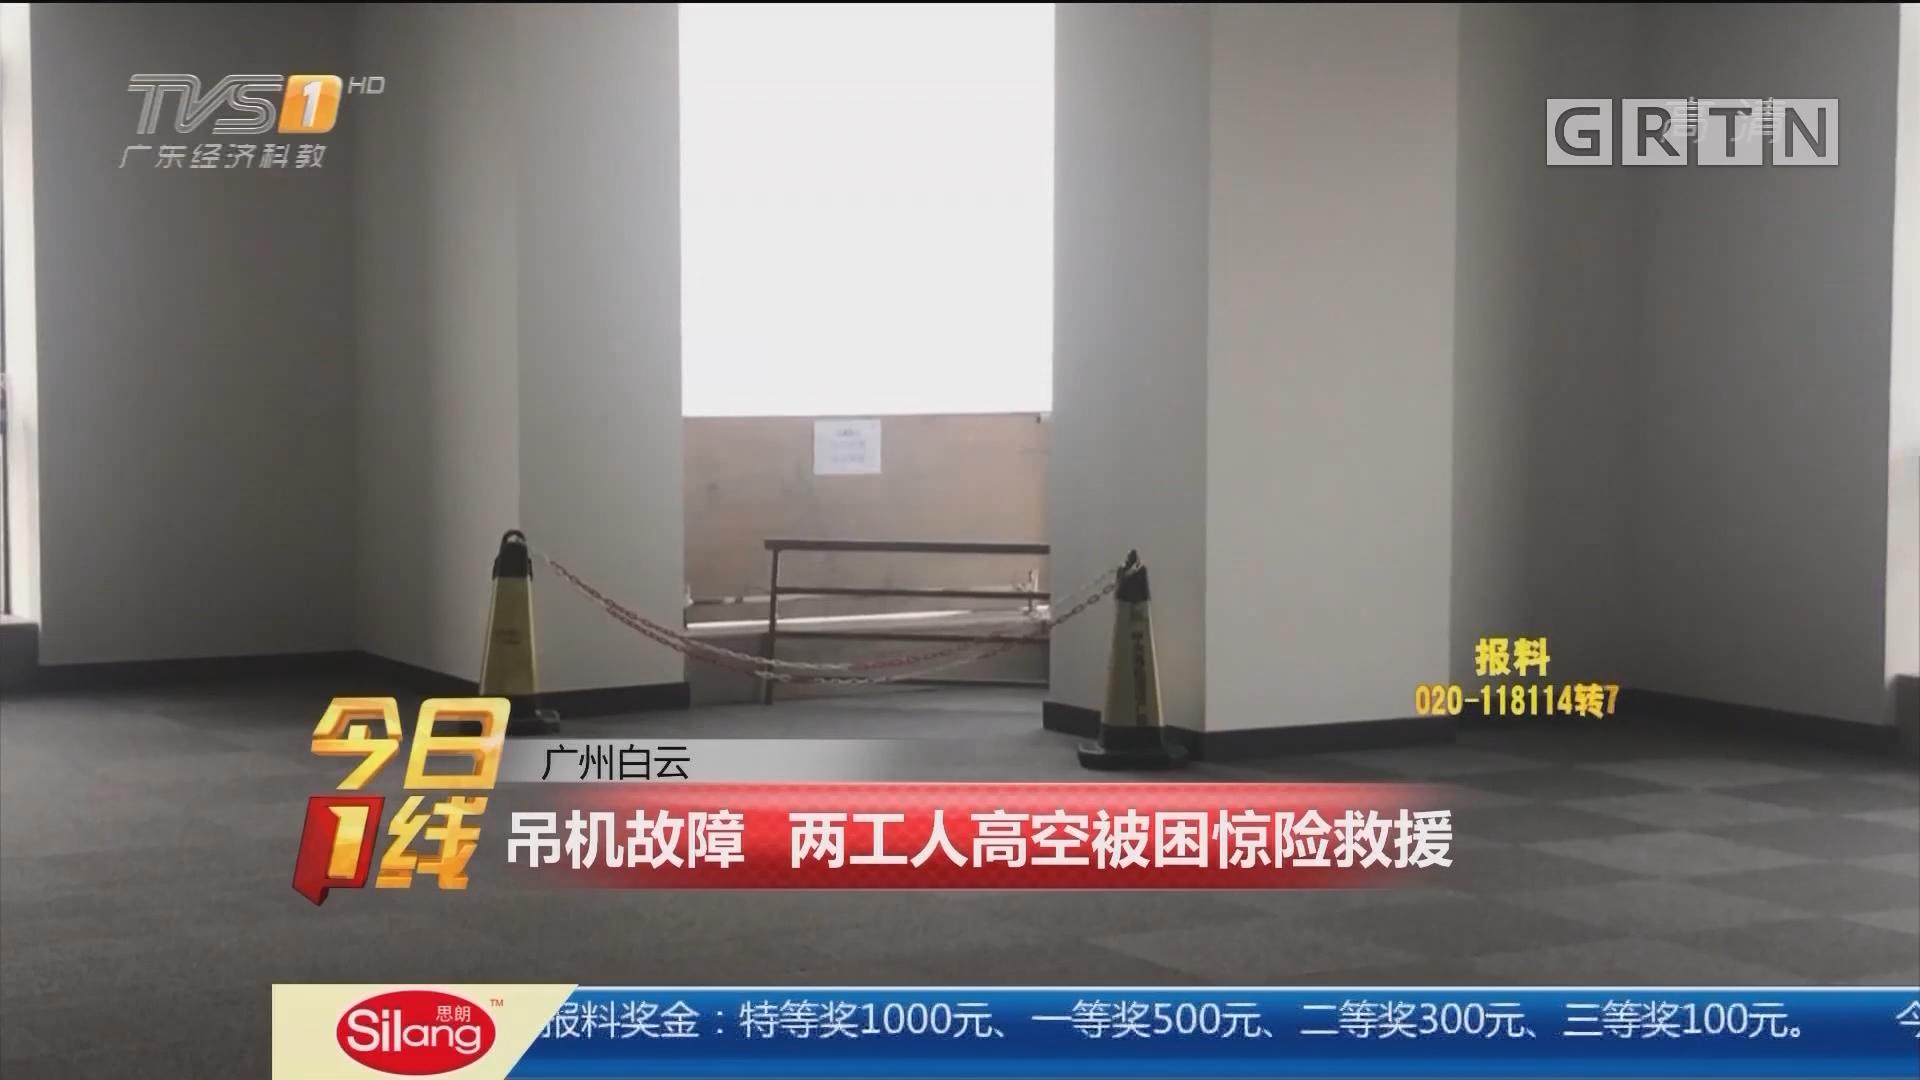 广州白云:吊机故障 两工人高空被困惊险救援